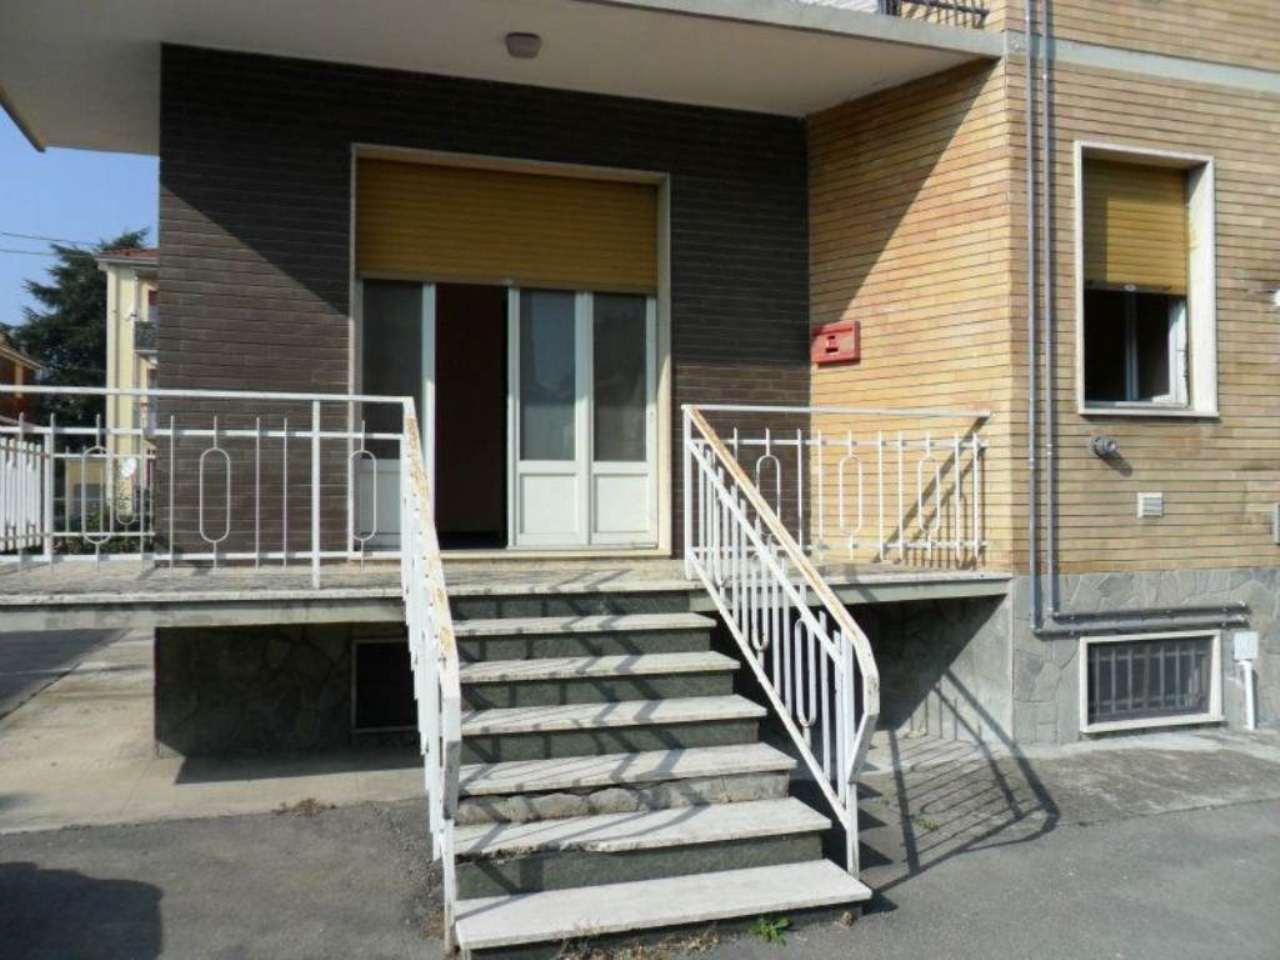 Ufficio / Studio in vendita a Fontevivo, 2 locali, prezzo € 20.000 | Cambio Casa.it